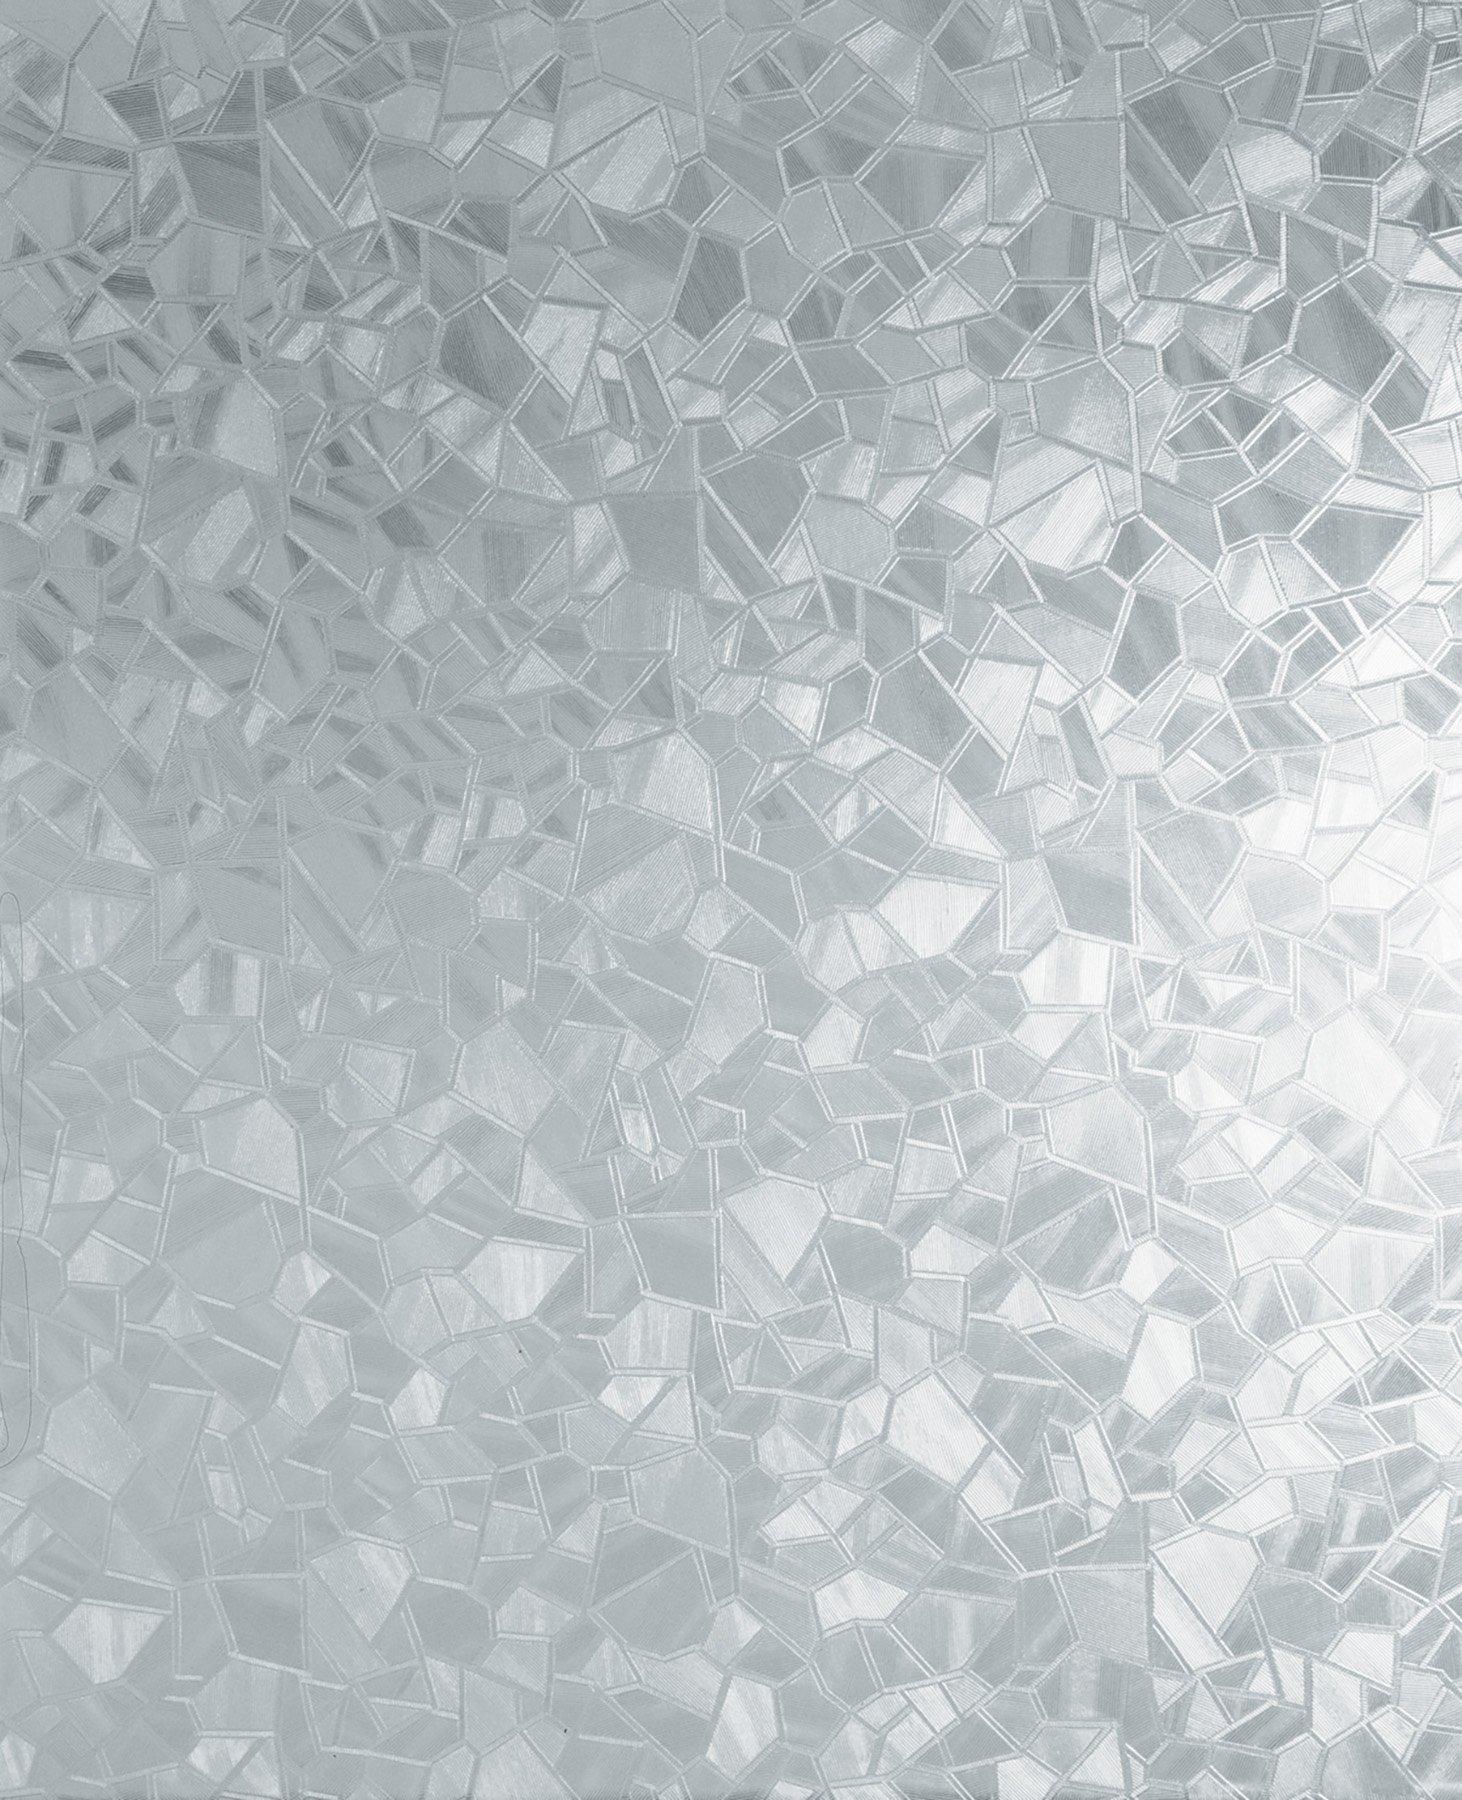 d-c-fix Self-Adhesive Privacy Glass Window Film, Splinter, 17.71'' x 78'' Roll, 346-0166